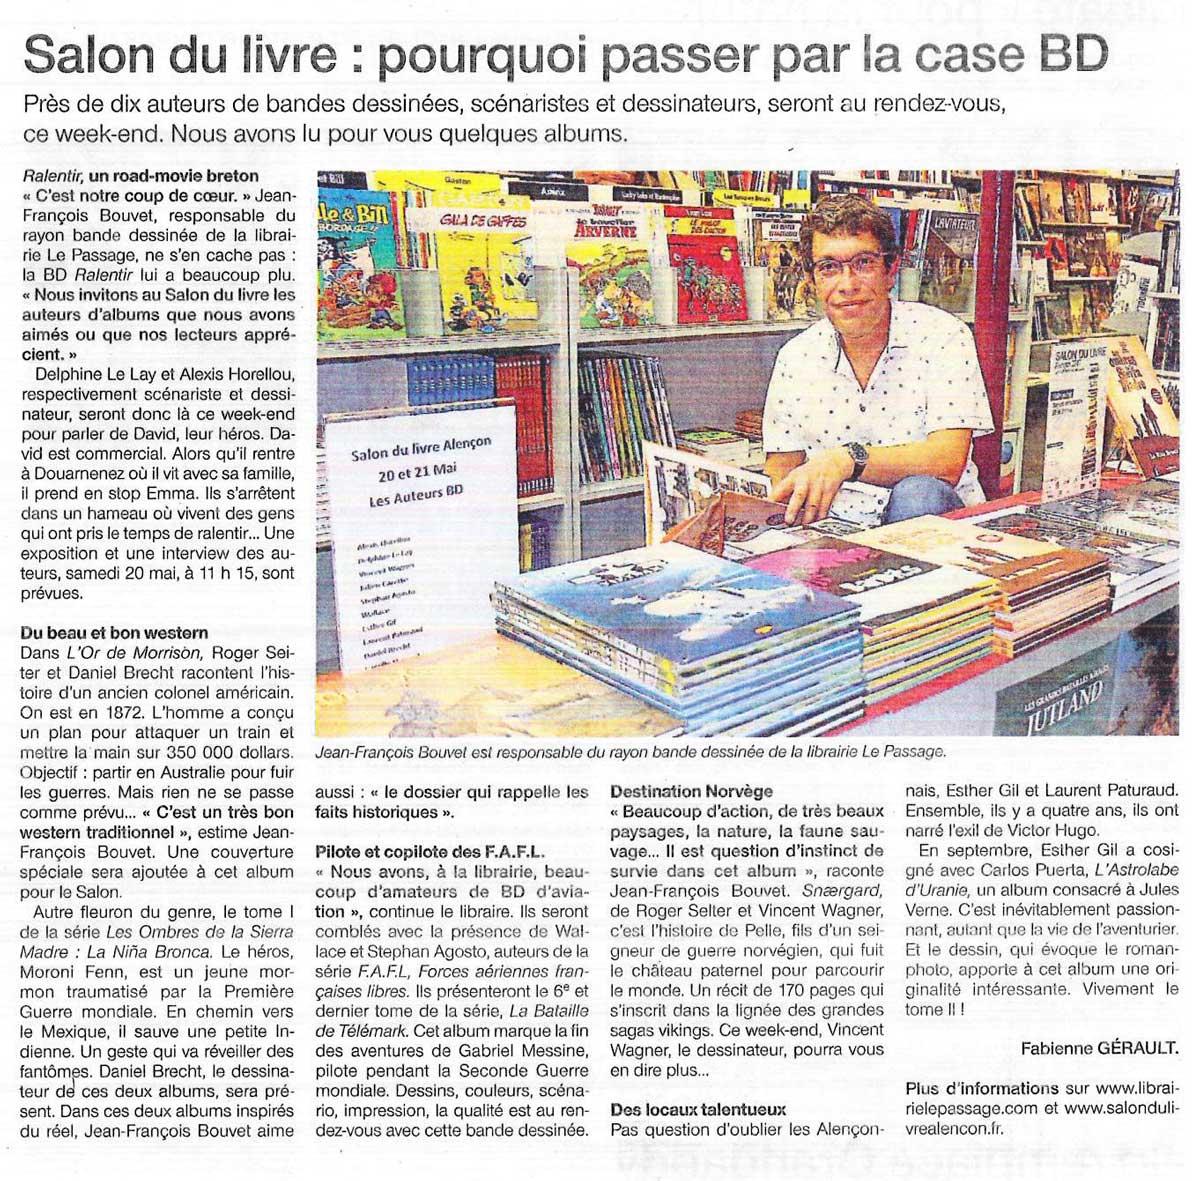 2017 05 19 2 for Salon du livre france